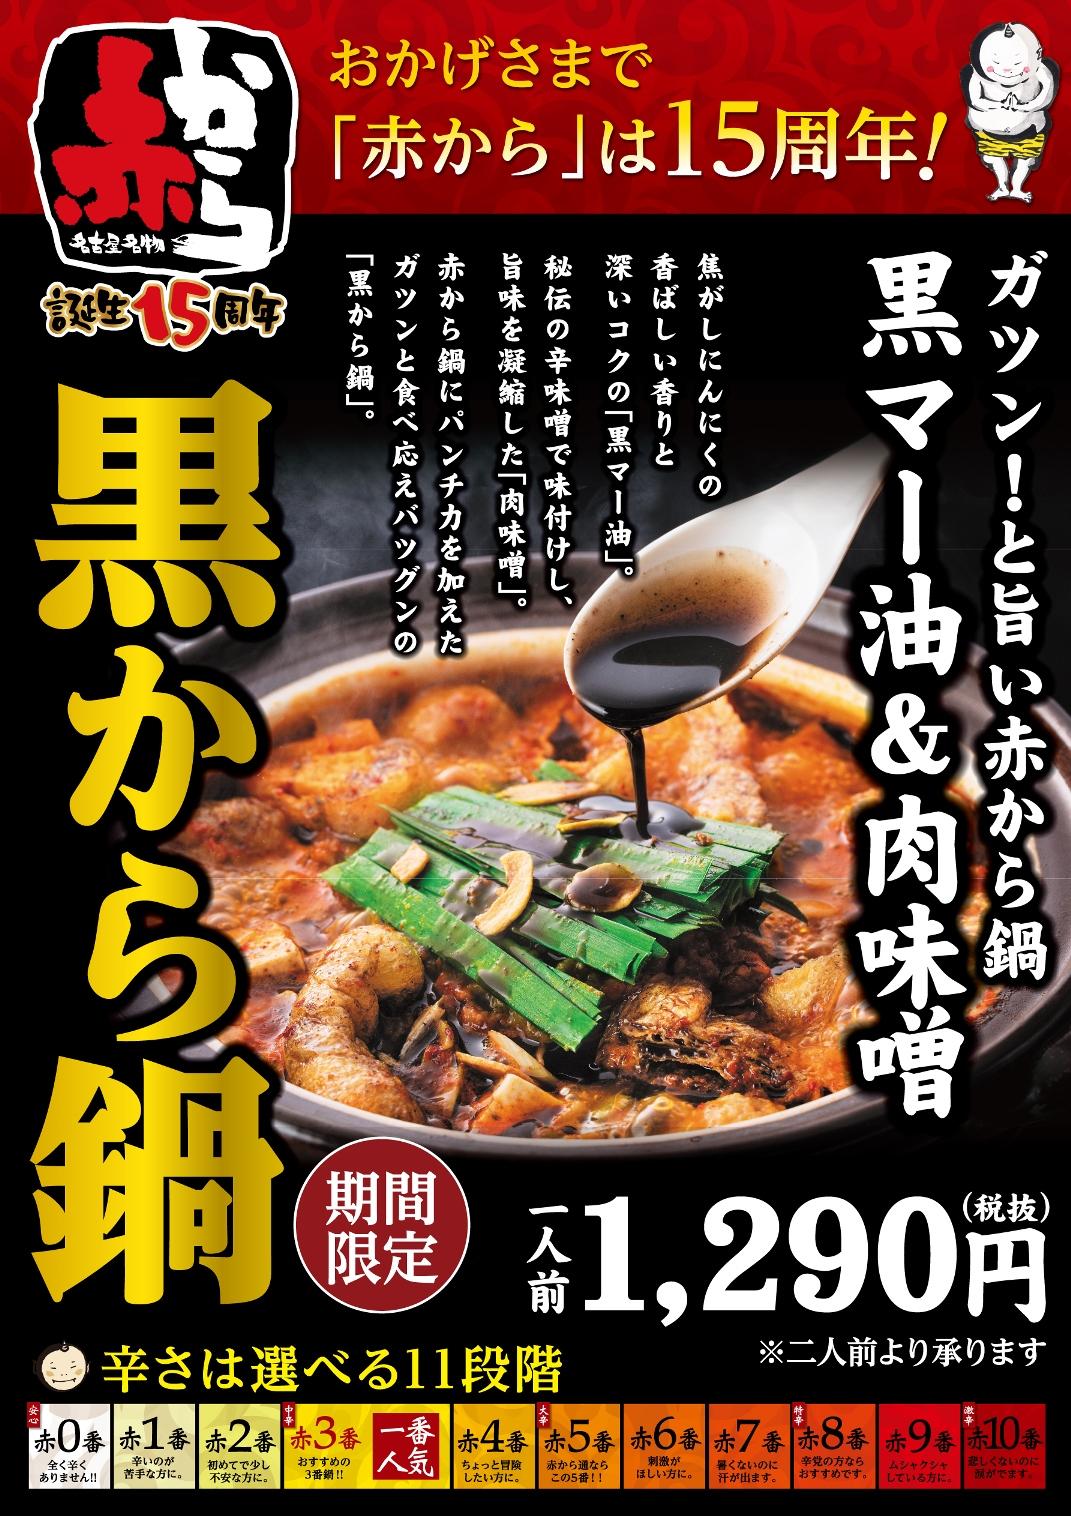 15周年 第3弾 黒い赤から鍋新登場!